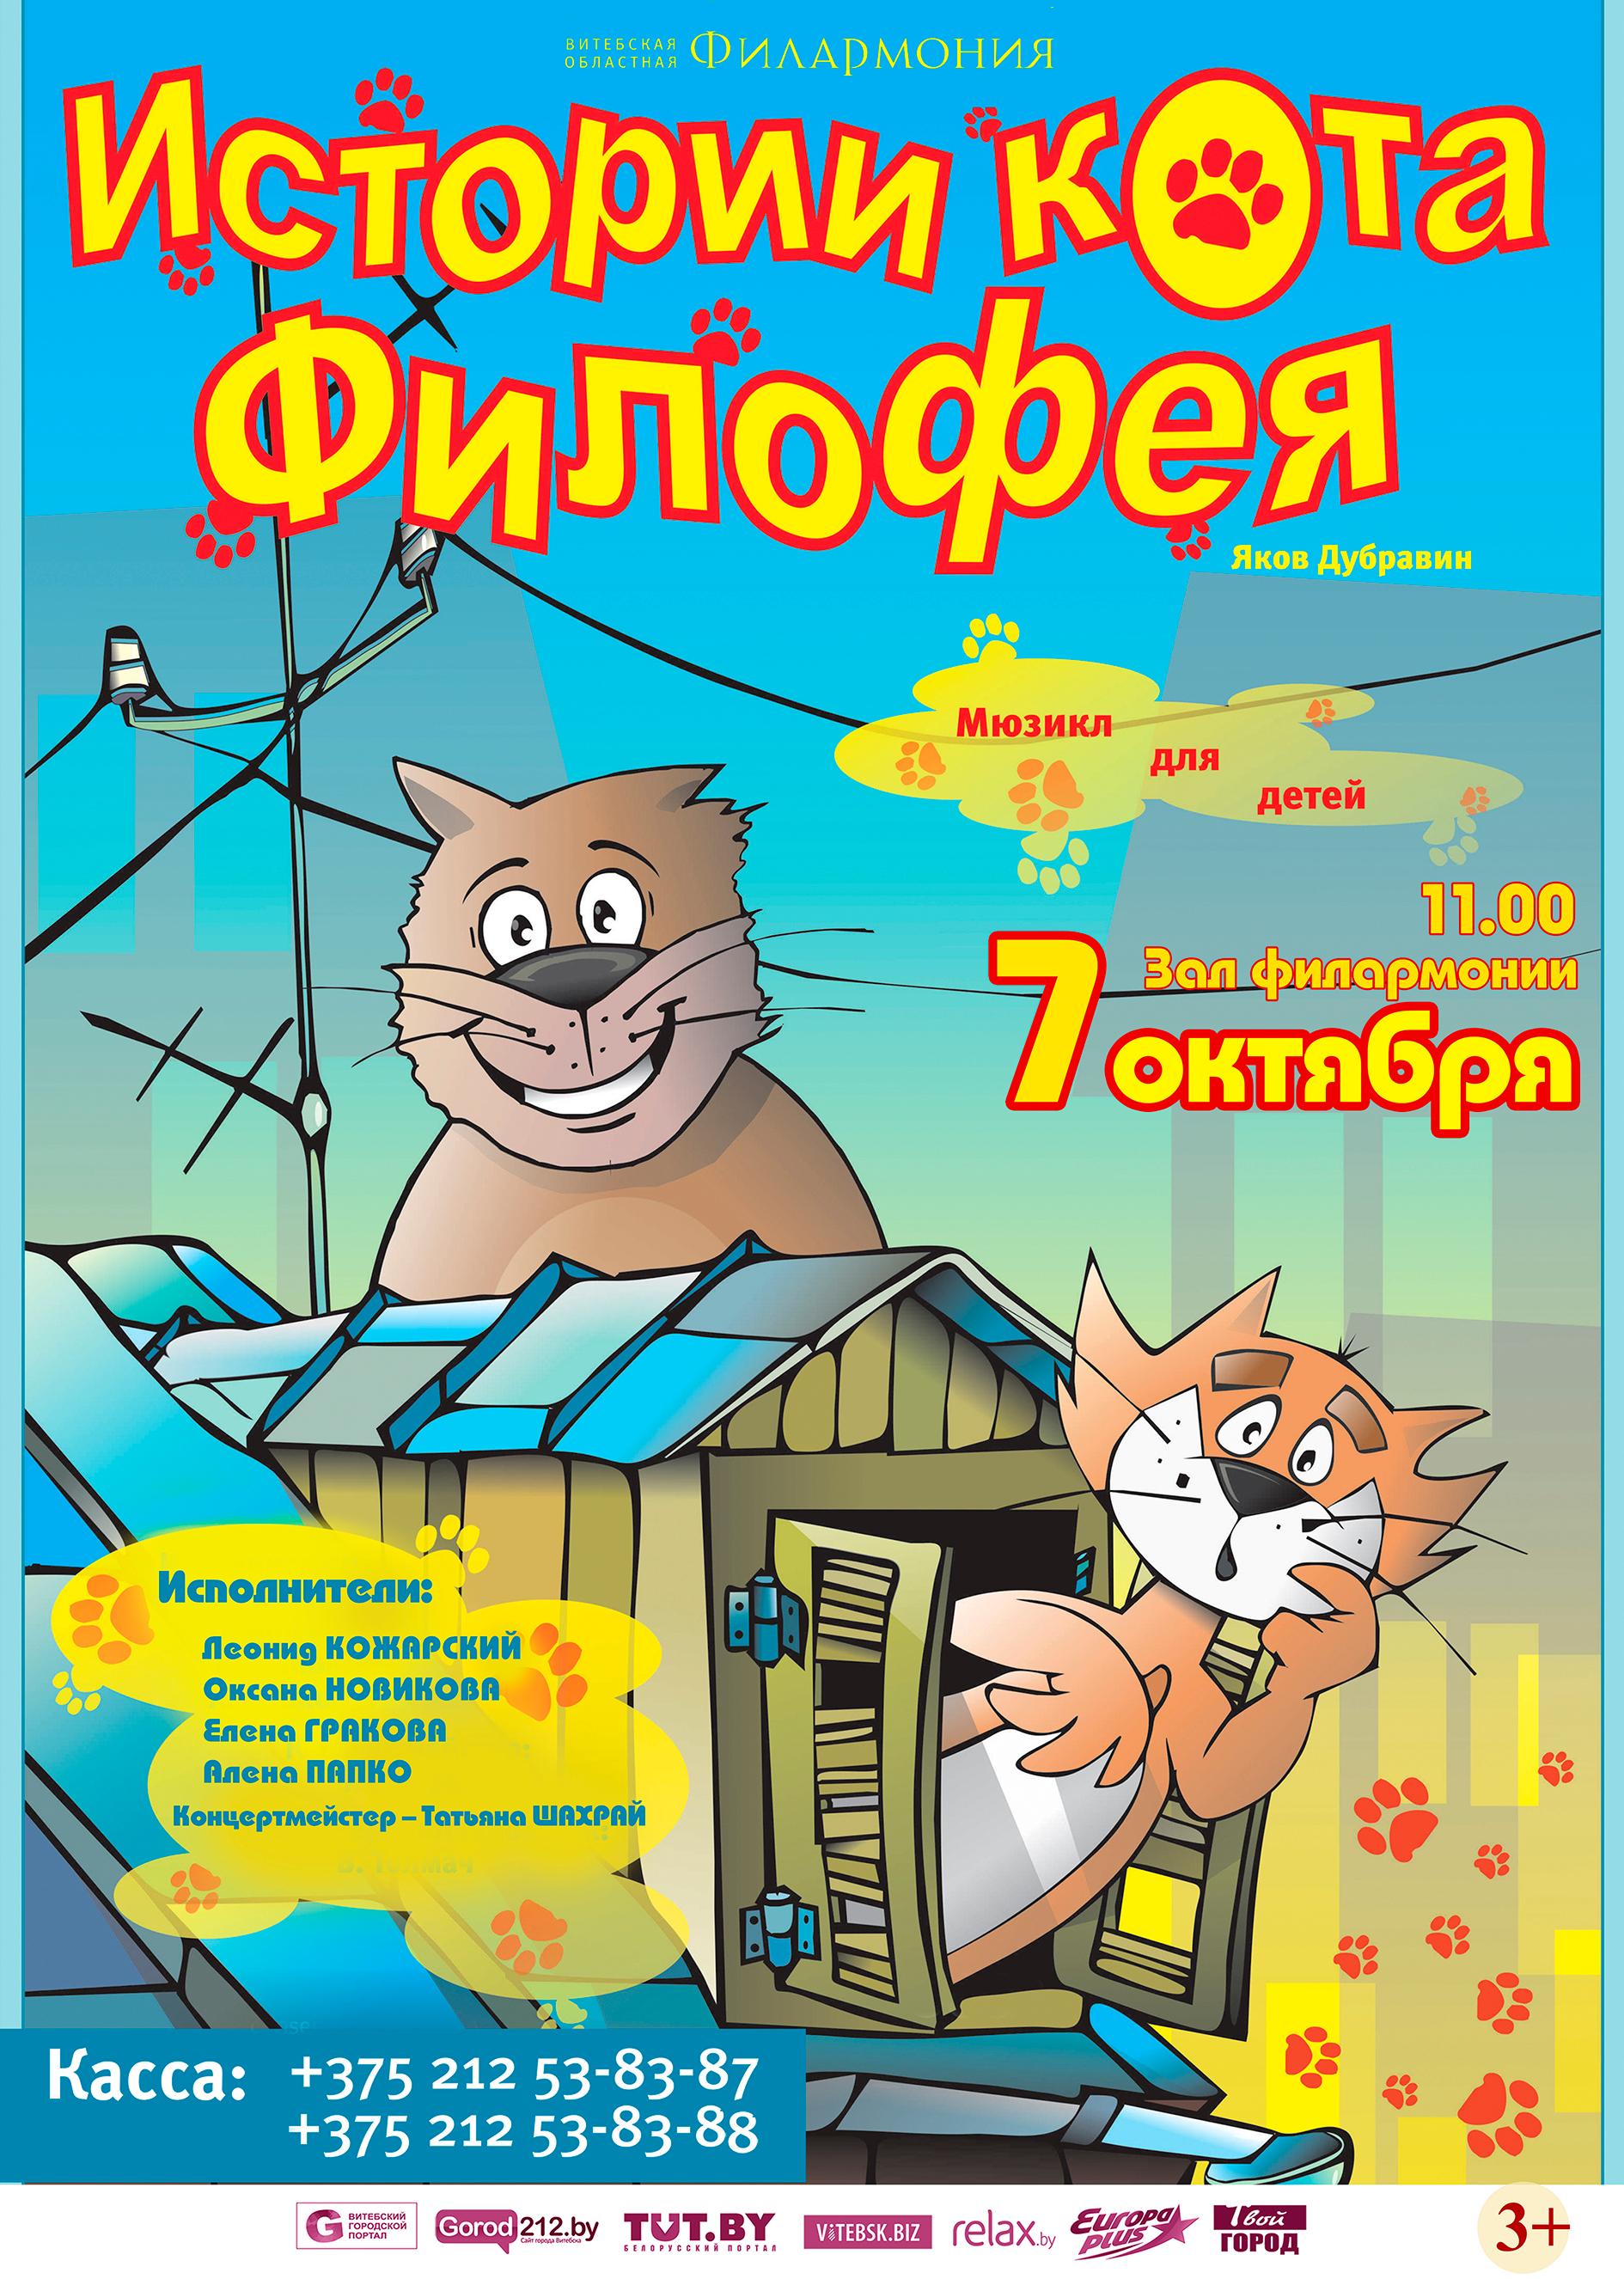 Кота филофей